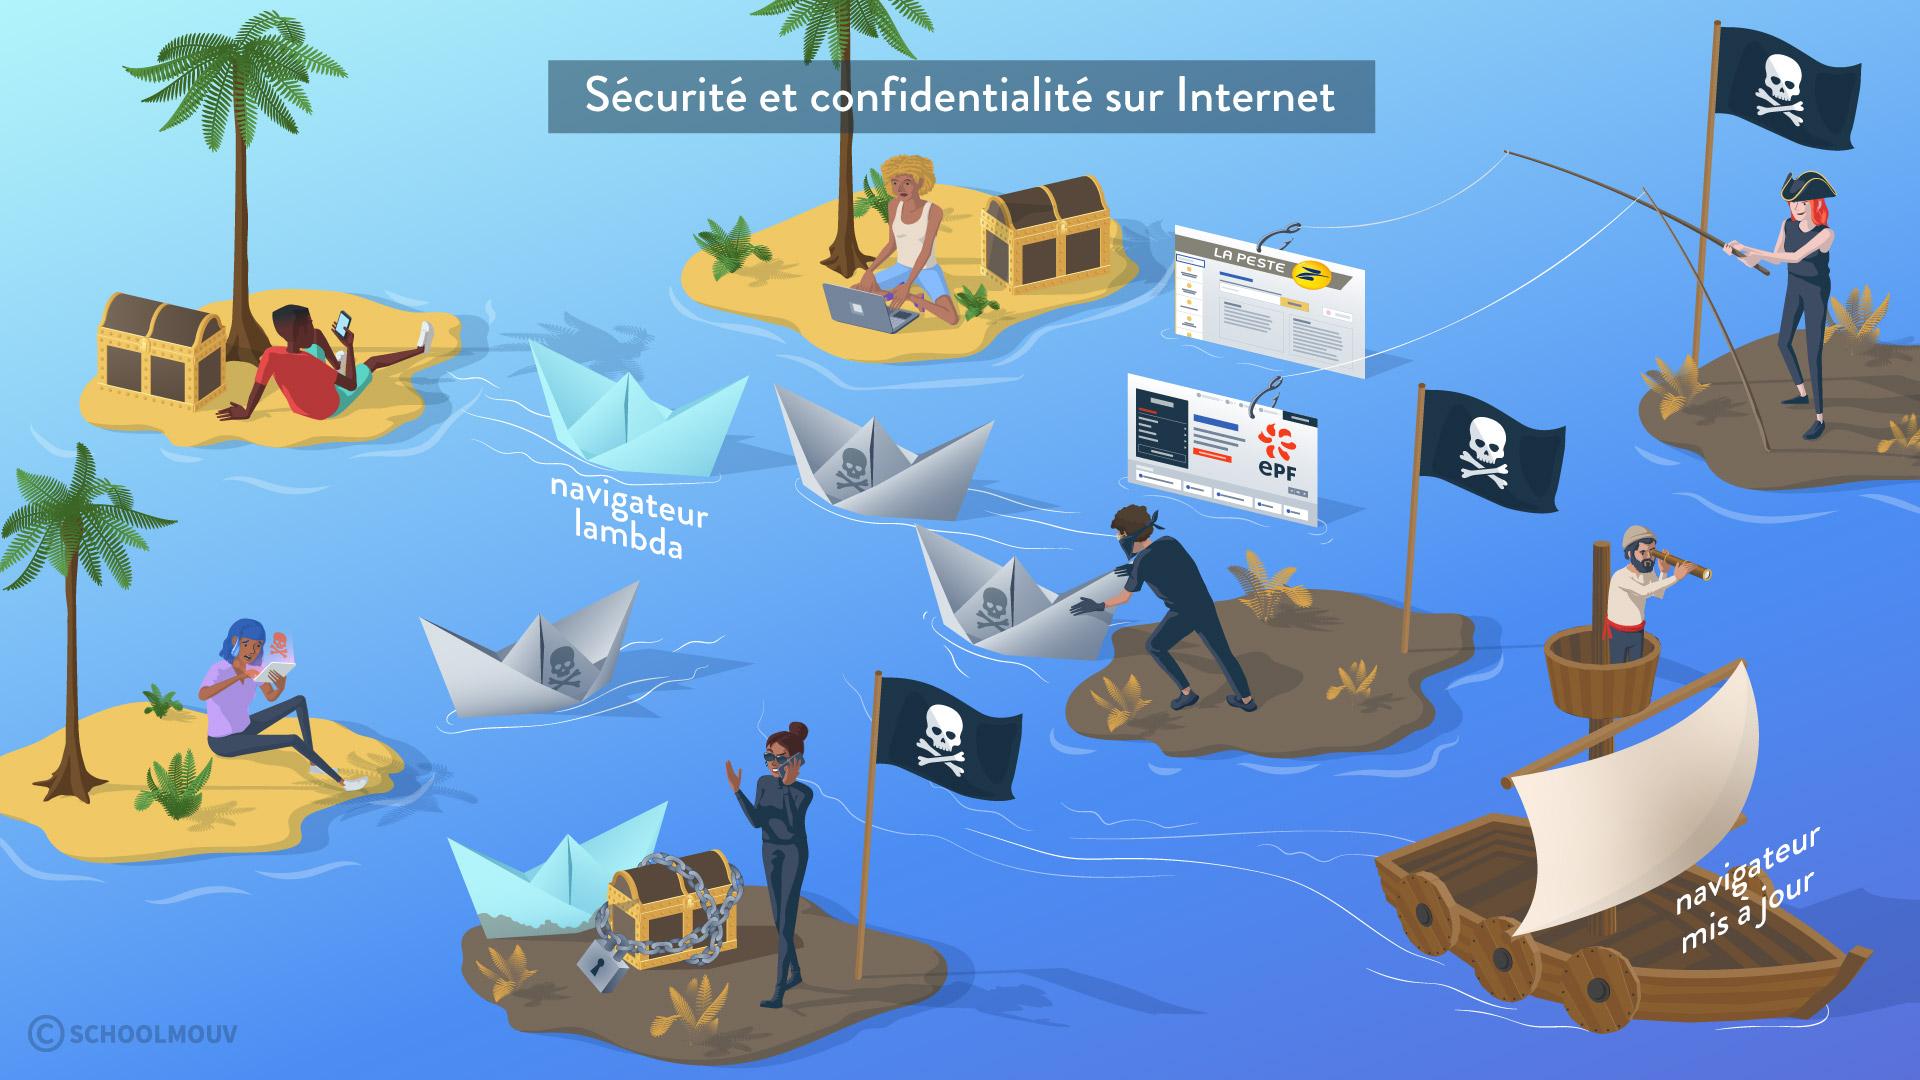 sécurité et confidentialité sur internet navigateur mis à jour protection sciences numériques et technologie seconde